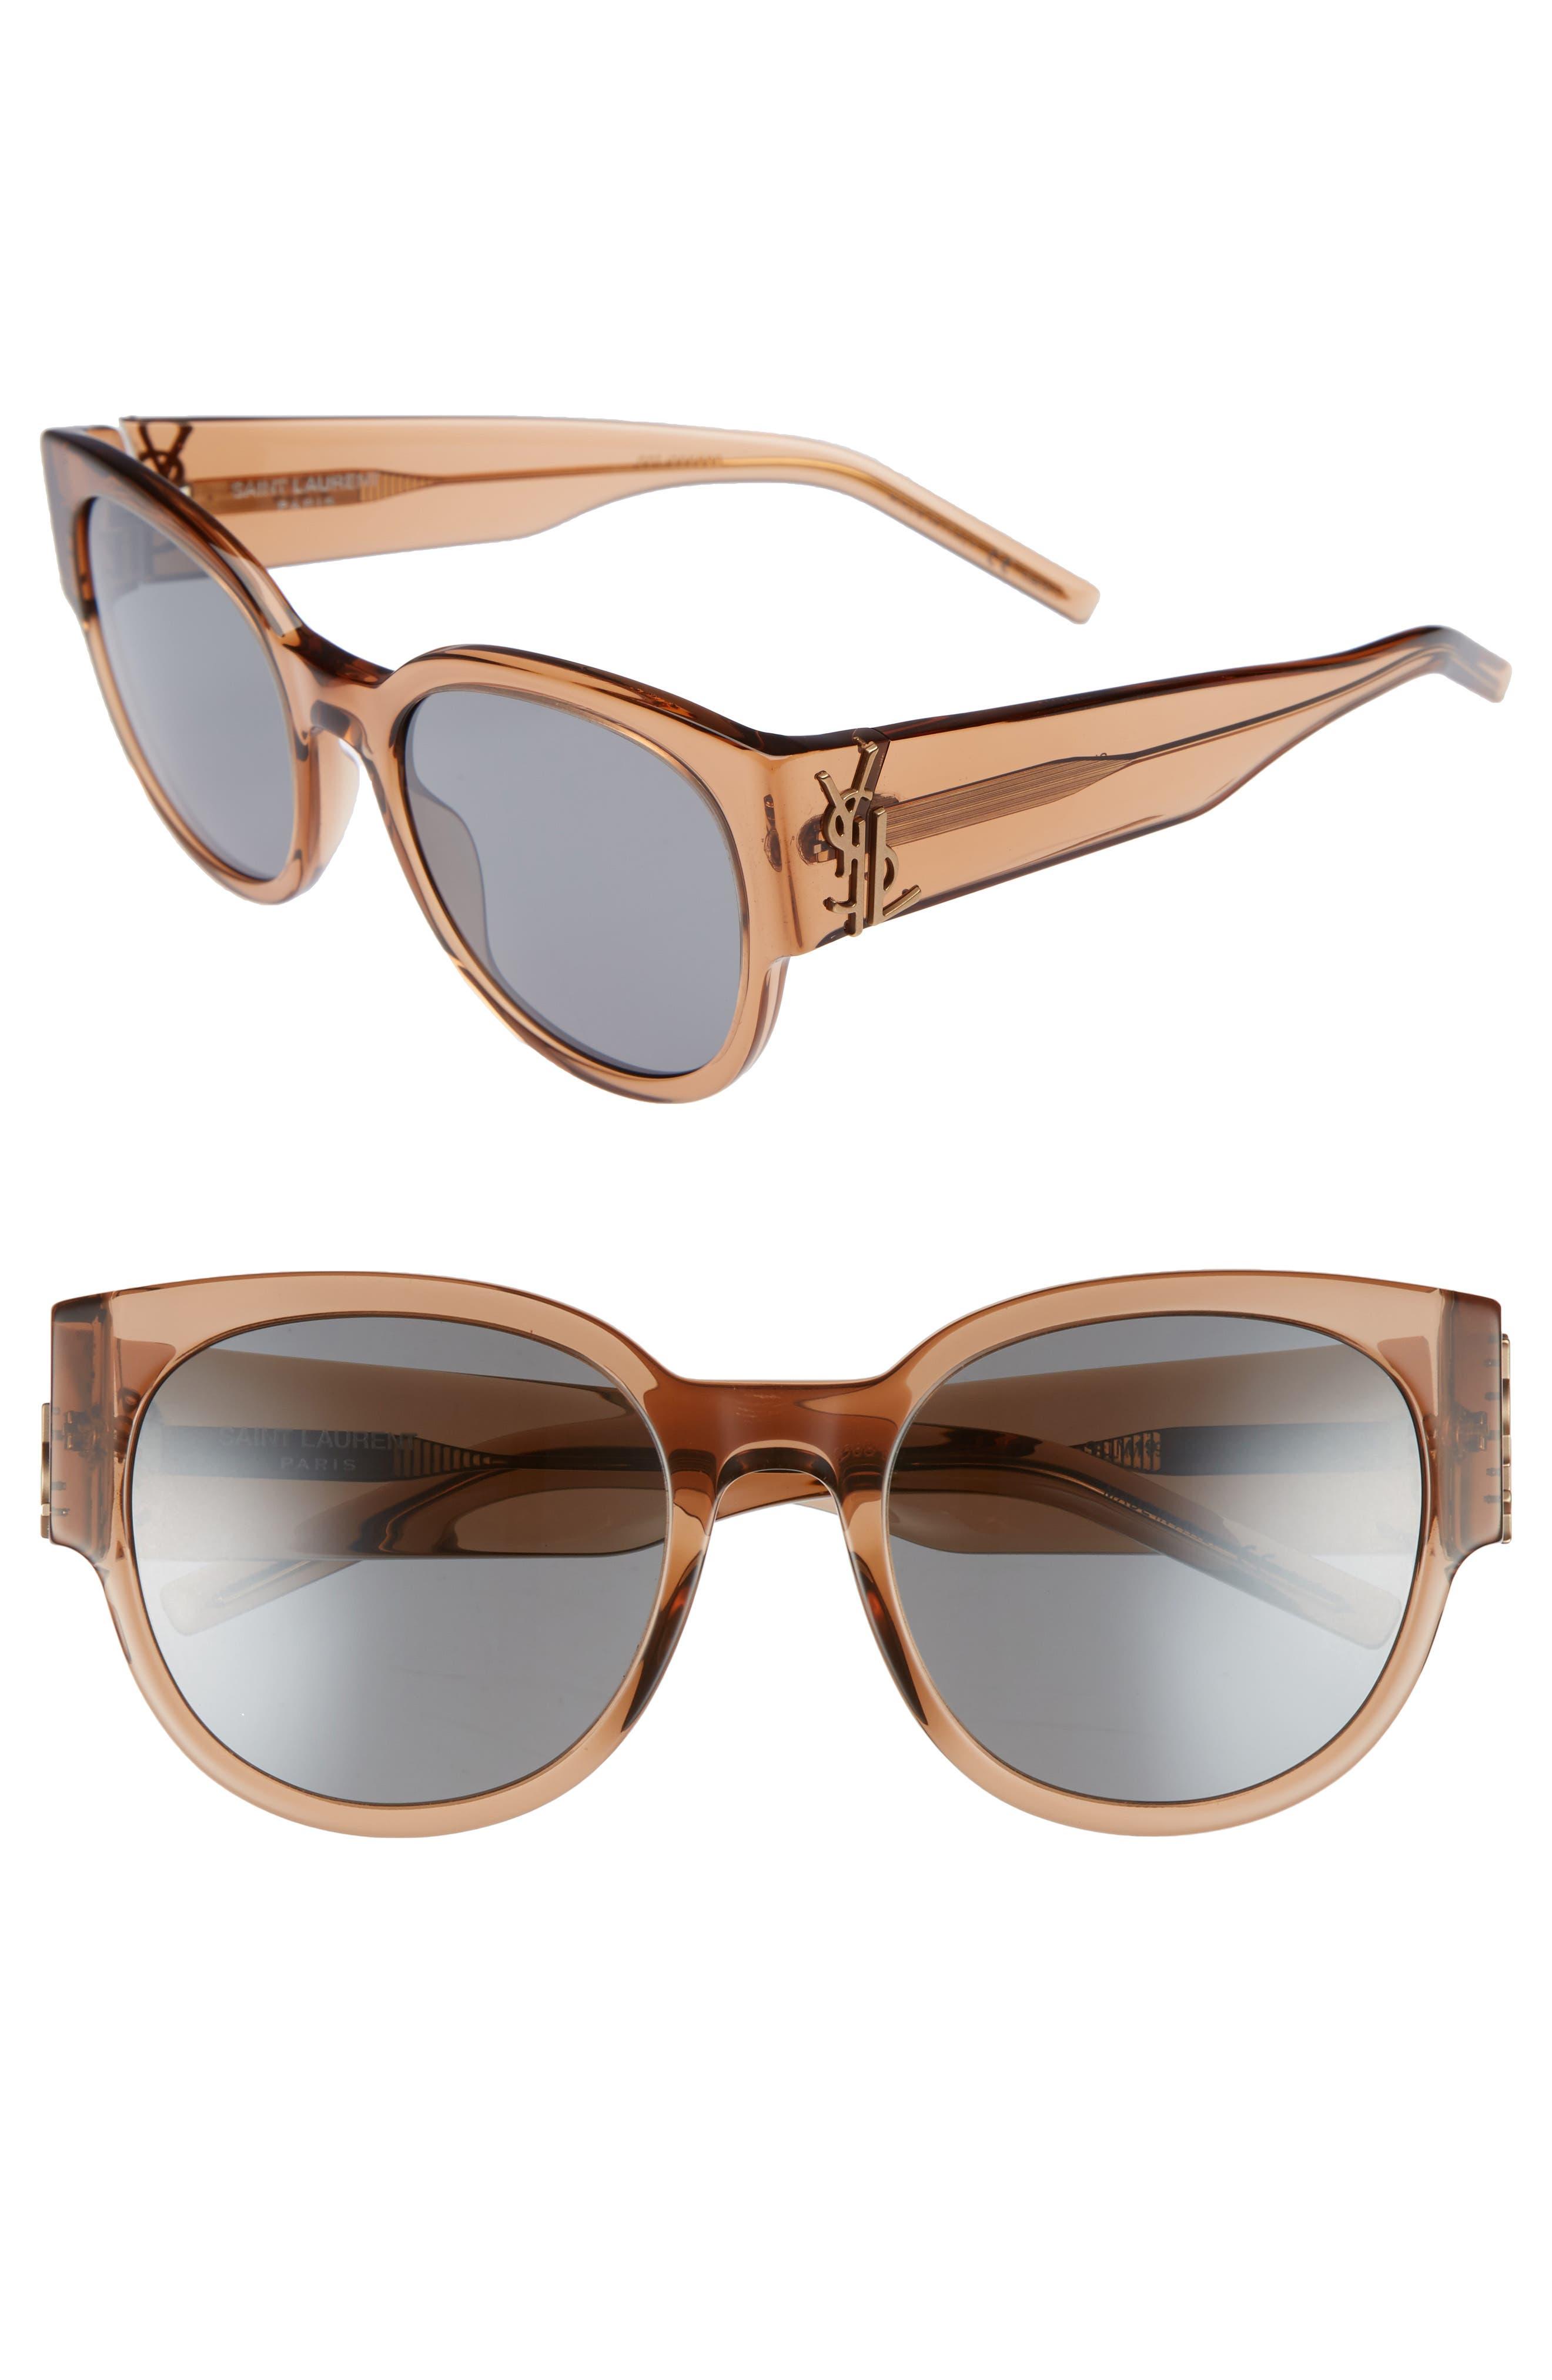 Saint Laurent SL M19 54mm Cat Eye Sunglasses